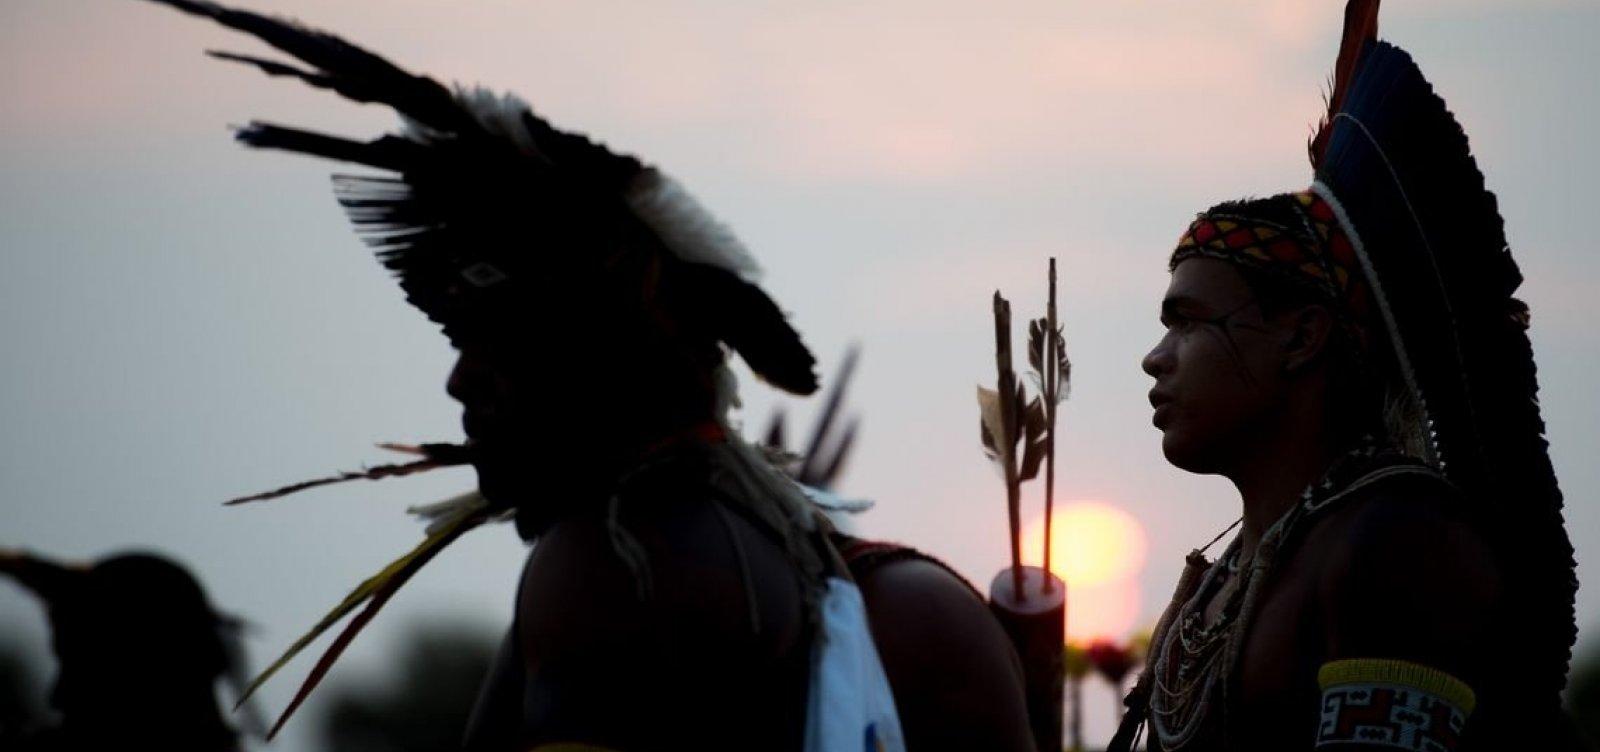 Terras indígenas têm alta de 74% no desmatamento de 2018 para 2019